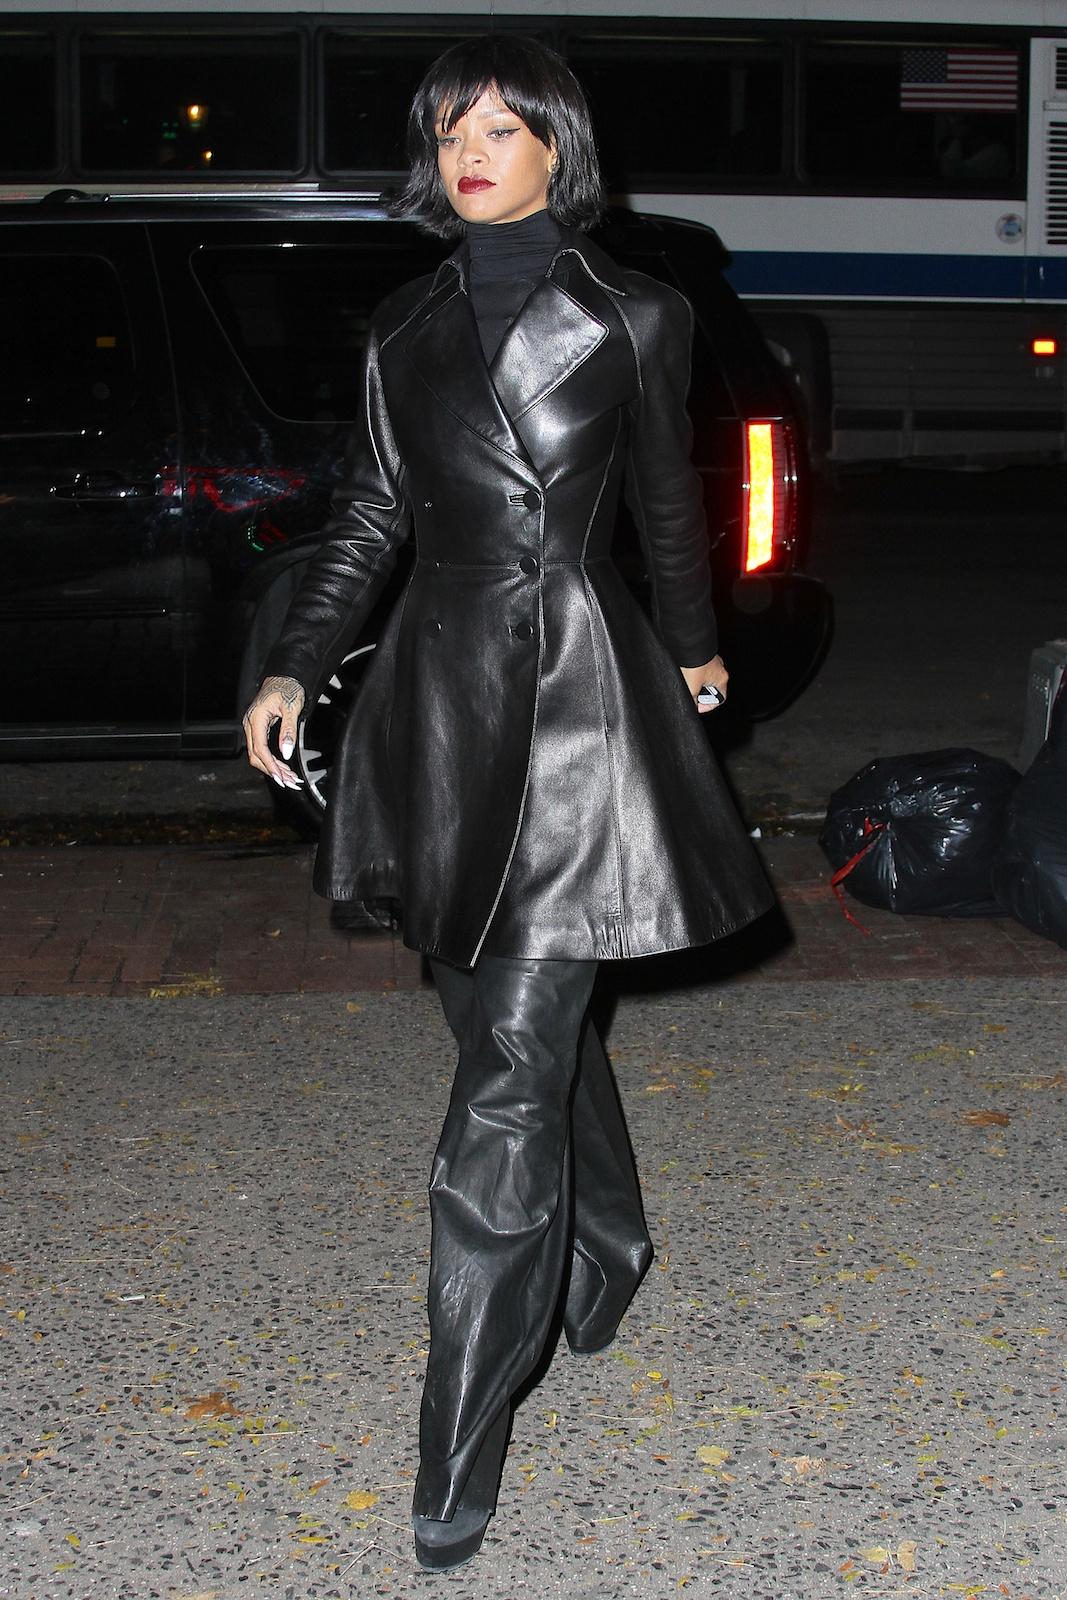 richie_san_Rihanna-4.jpg